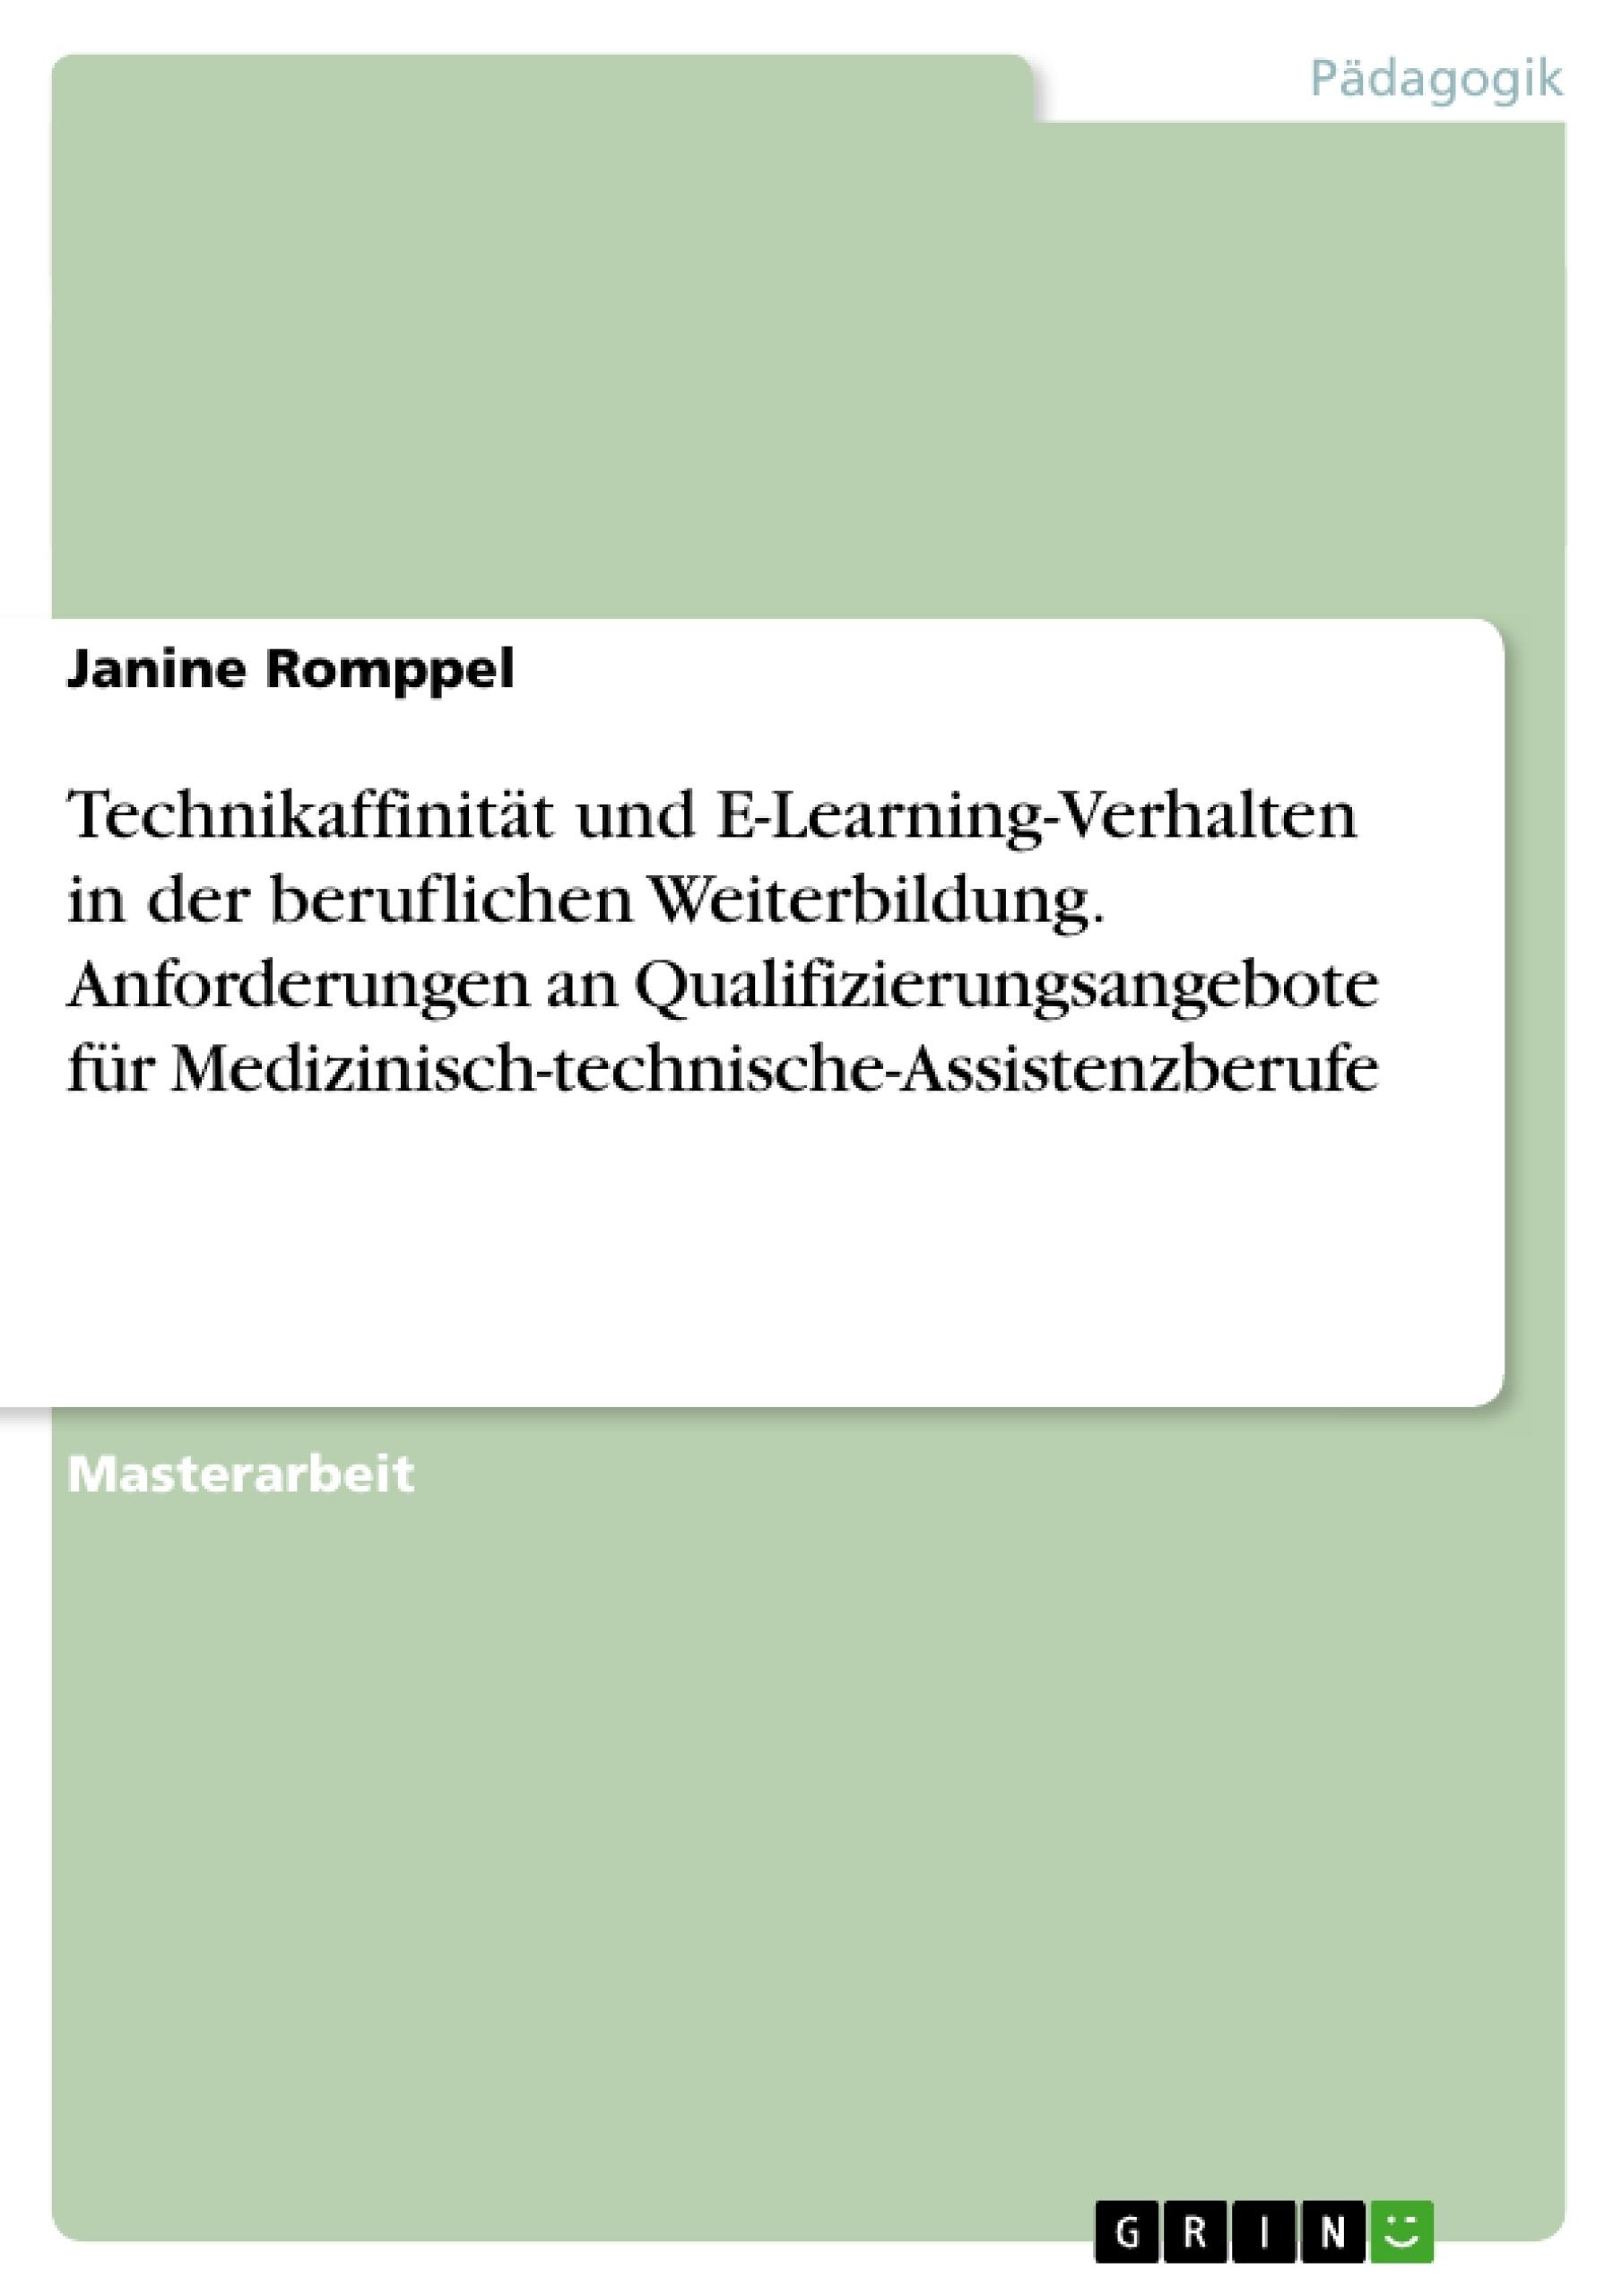 Titel: Technikaffinität und E-Learning-Verhalten in der beruflichen Weiterbildung. Anforderungen an Qualifizierungsangebote für Medizinisch-technische-Assistenzberufe